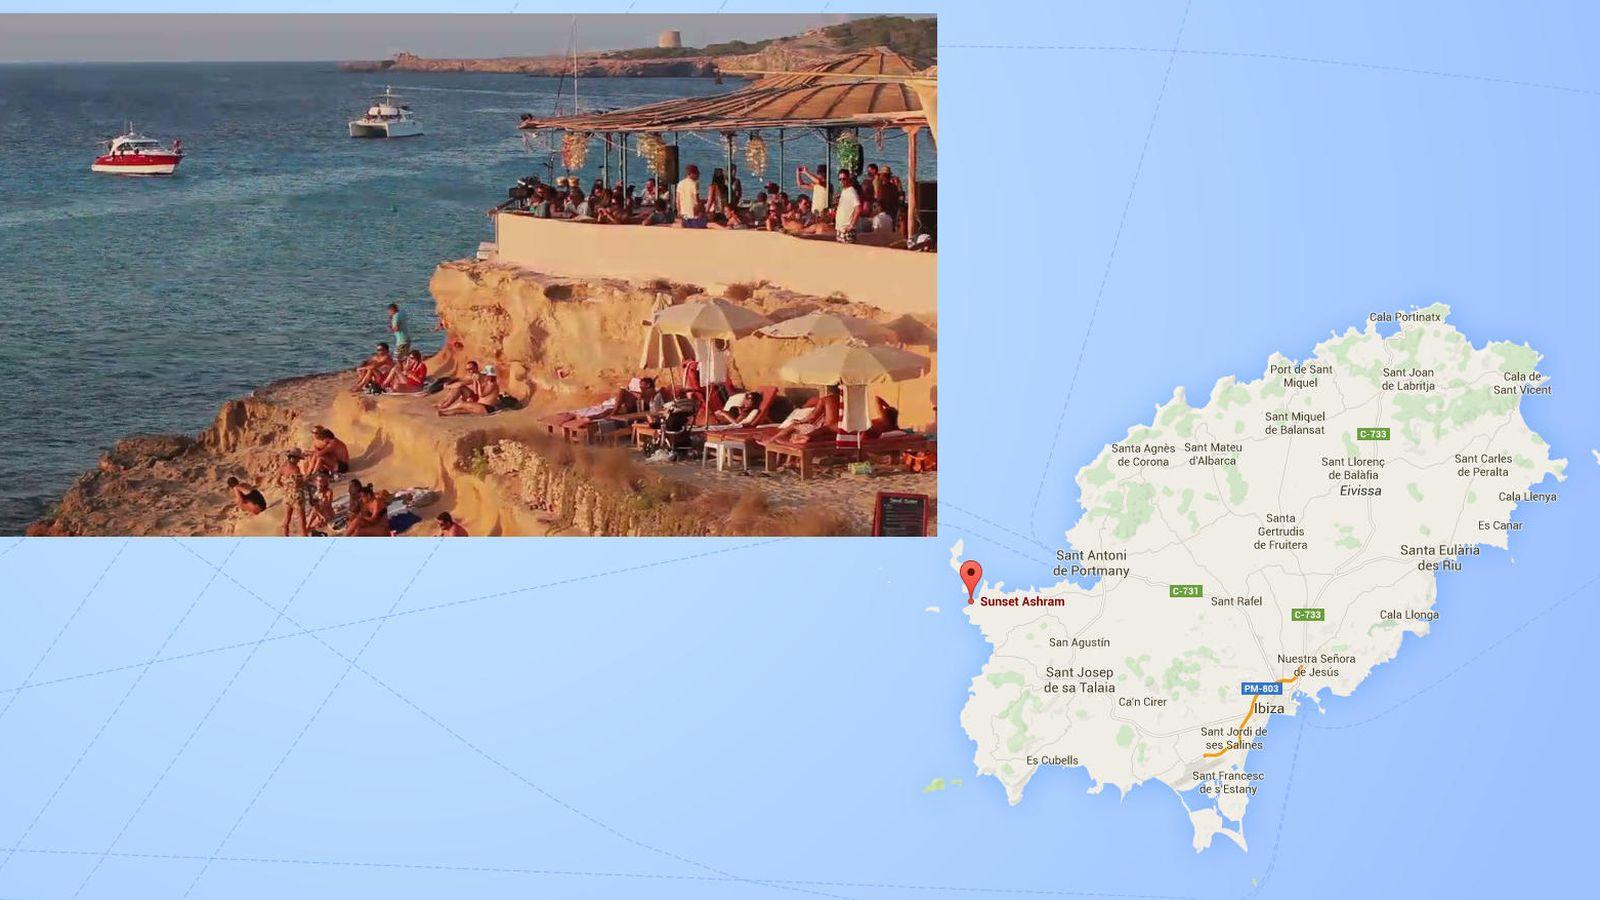 Foto: Vista aérea de la zona que han comprado los millonarios británicos en la isla de Ibiza.